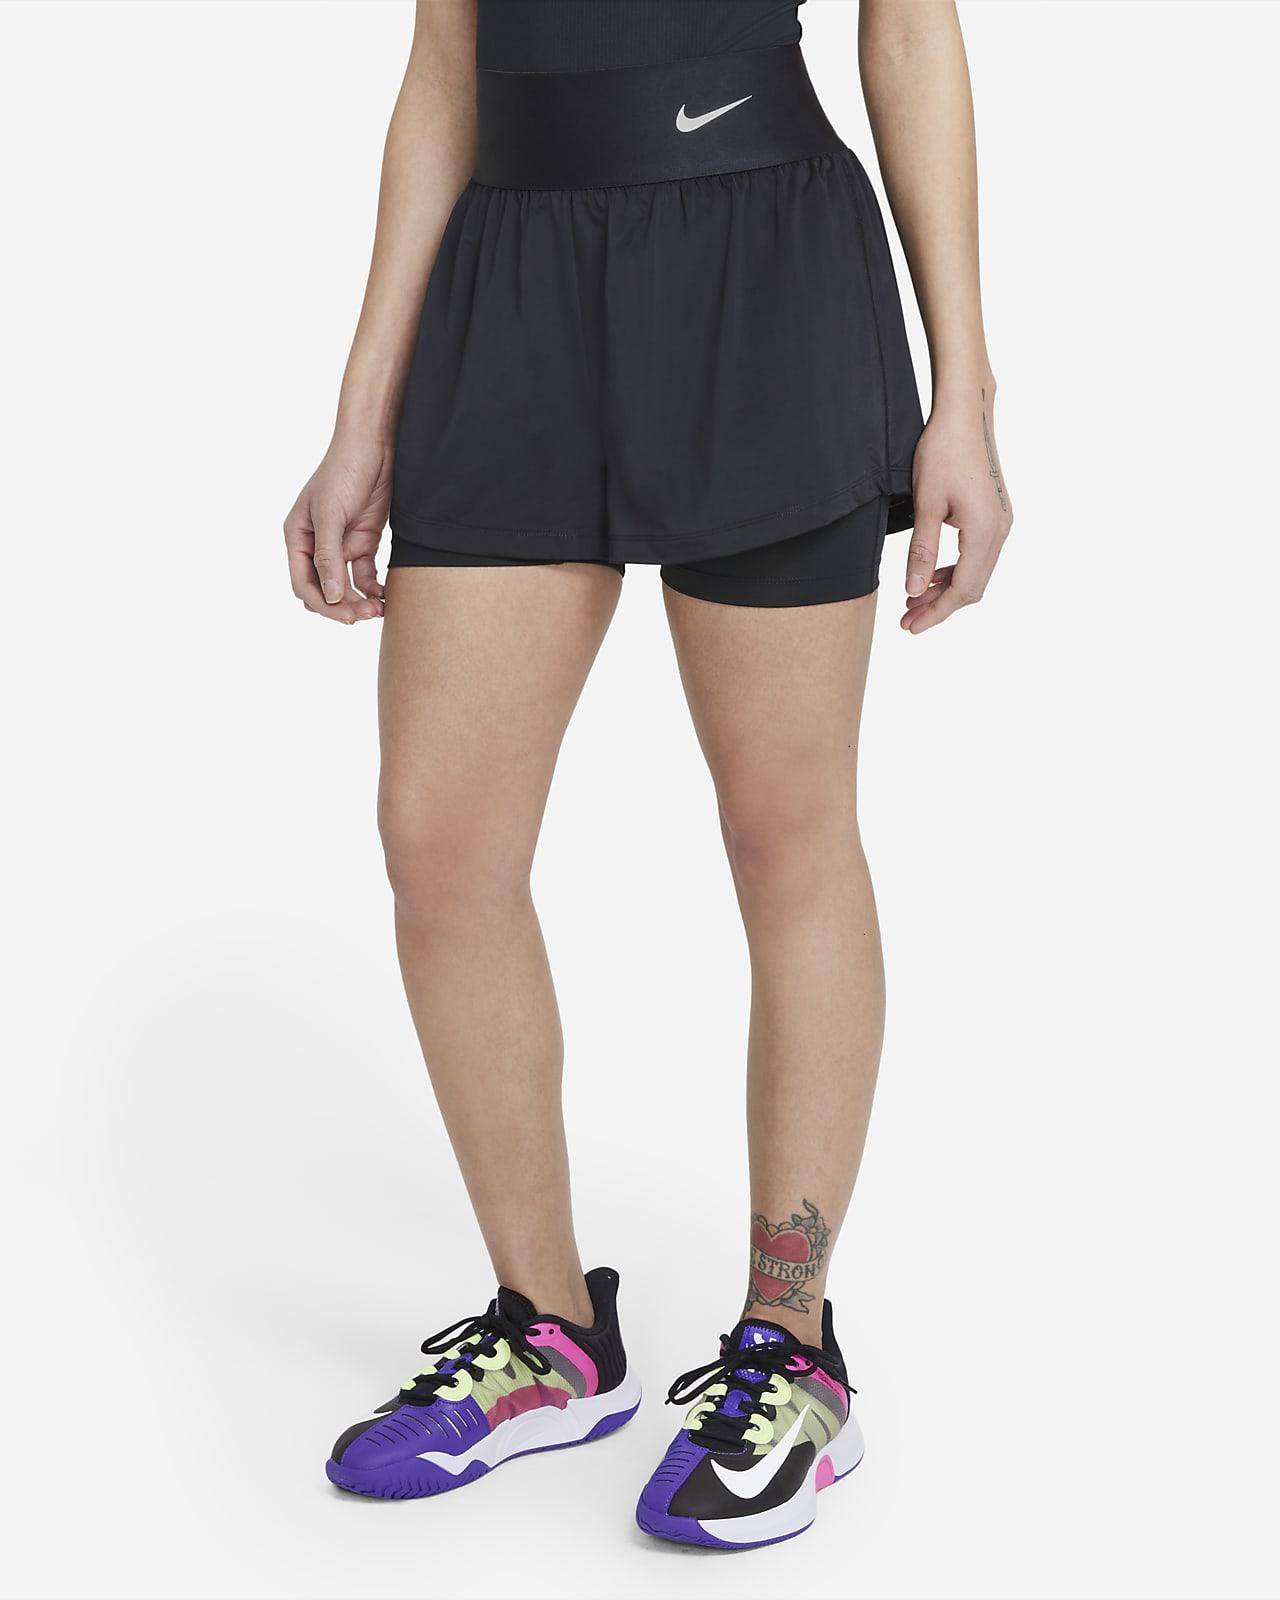 Calções de ténis NikeCourt Advantage para mulher